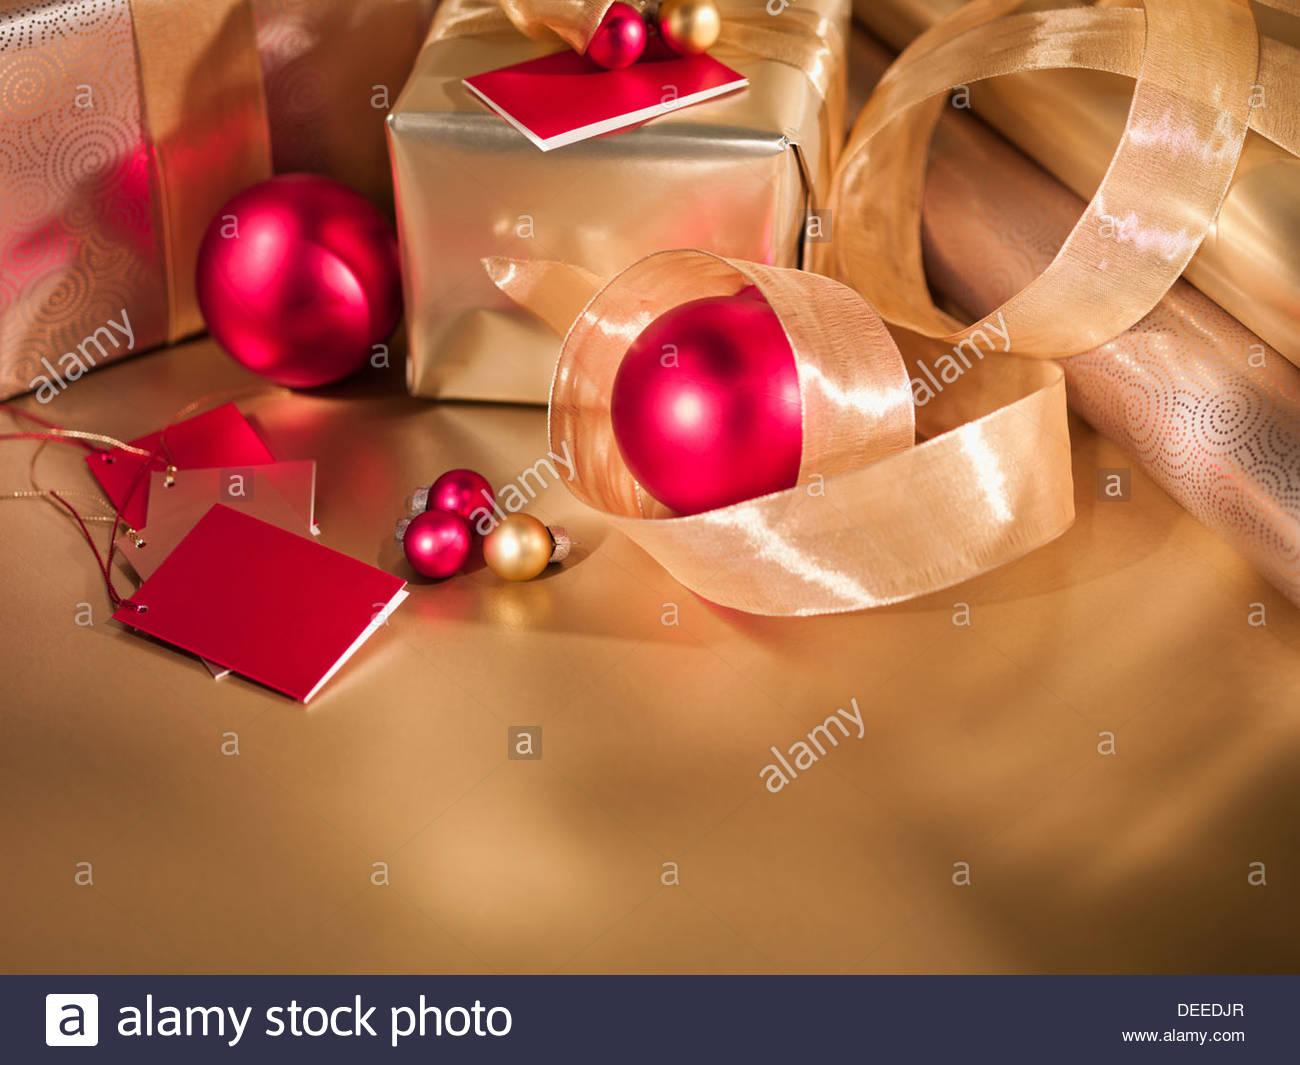 Weihnachtsschmuck, Band und Geschenke Stockbild